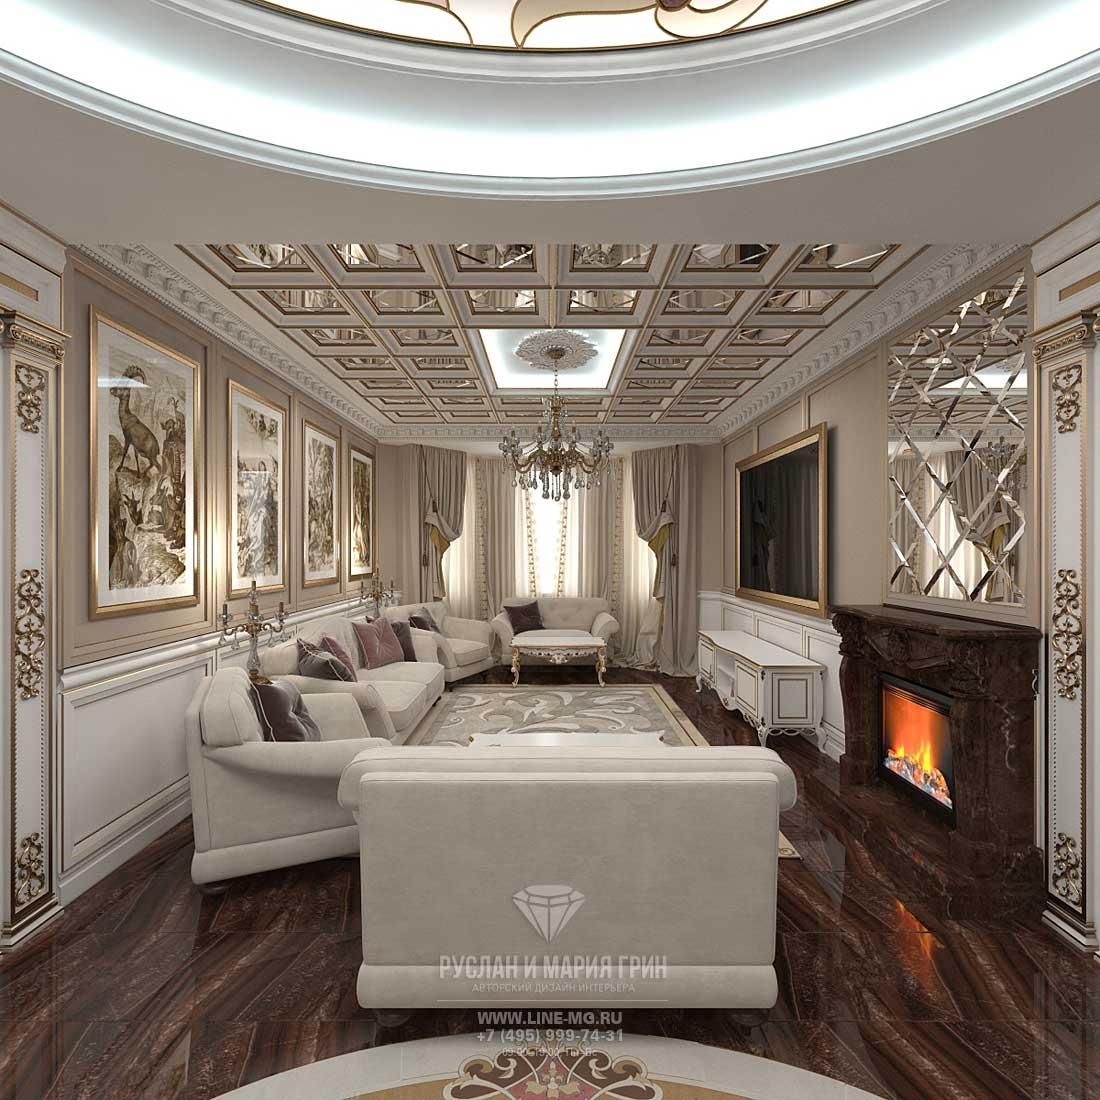 Гостиная с камином в дворцовом стиле